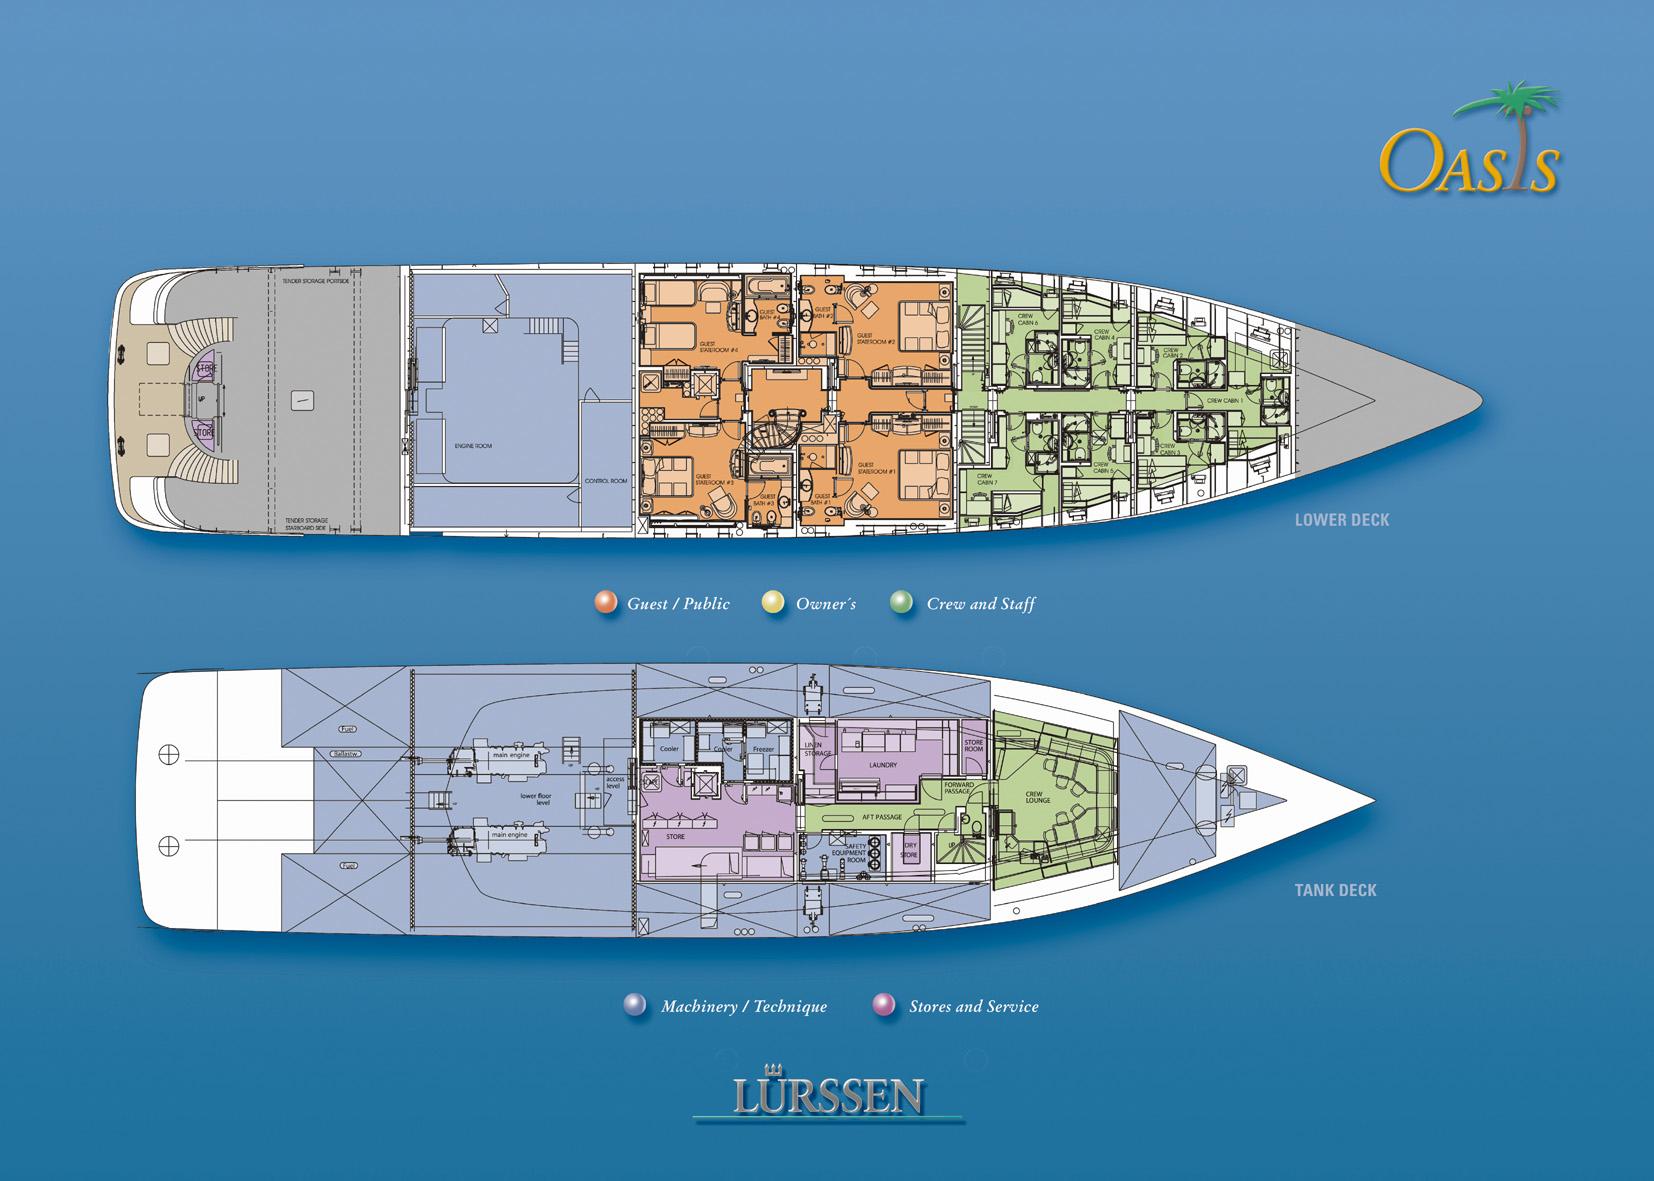 Yacht OASIS Lurssen Luxury Superyacht